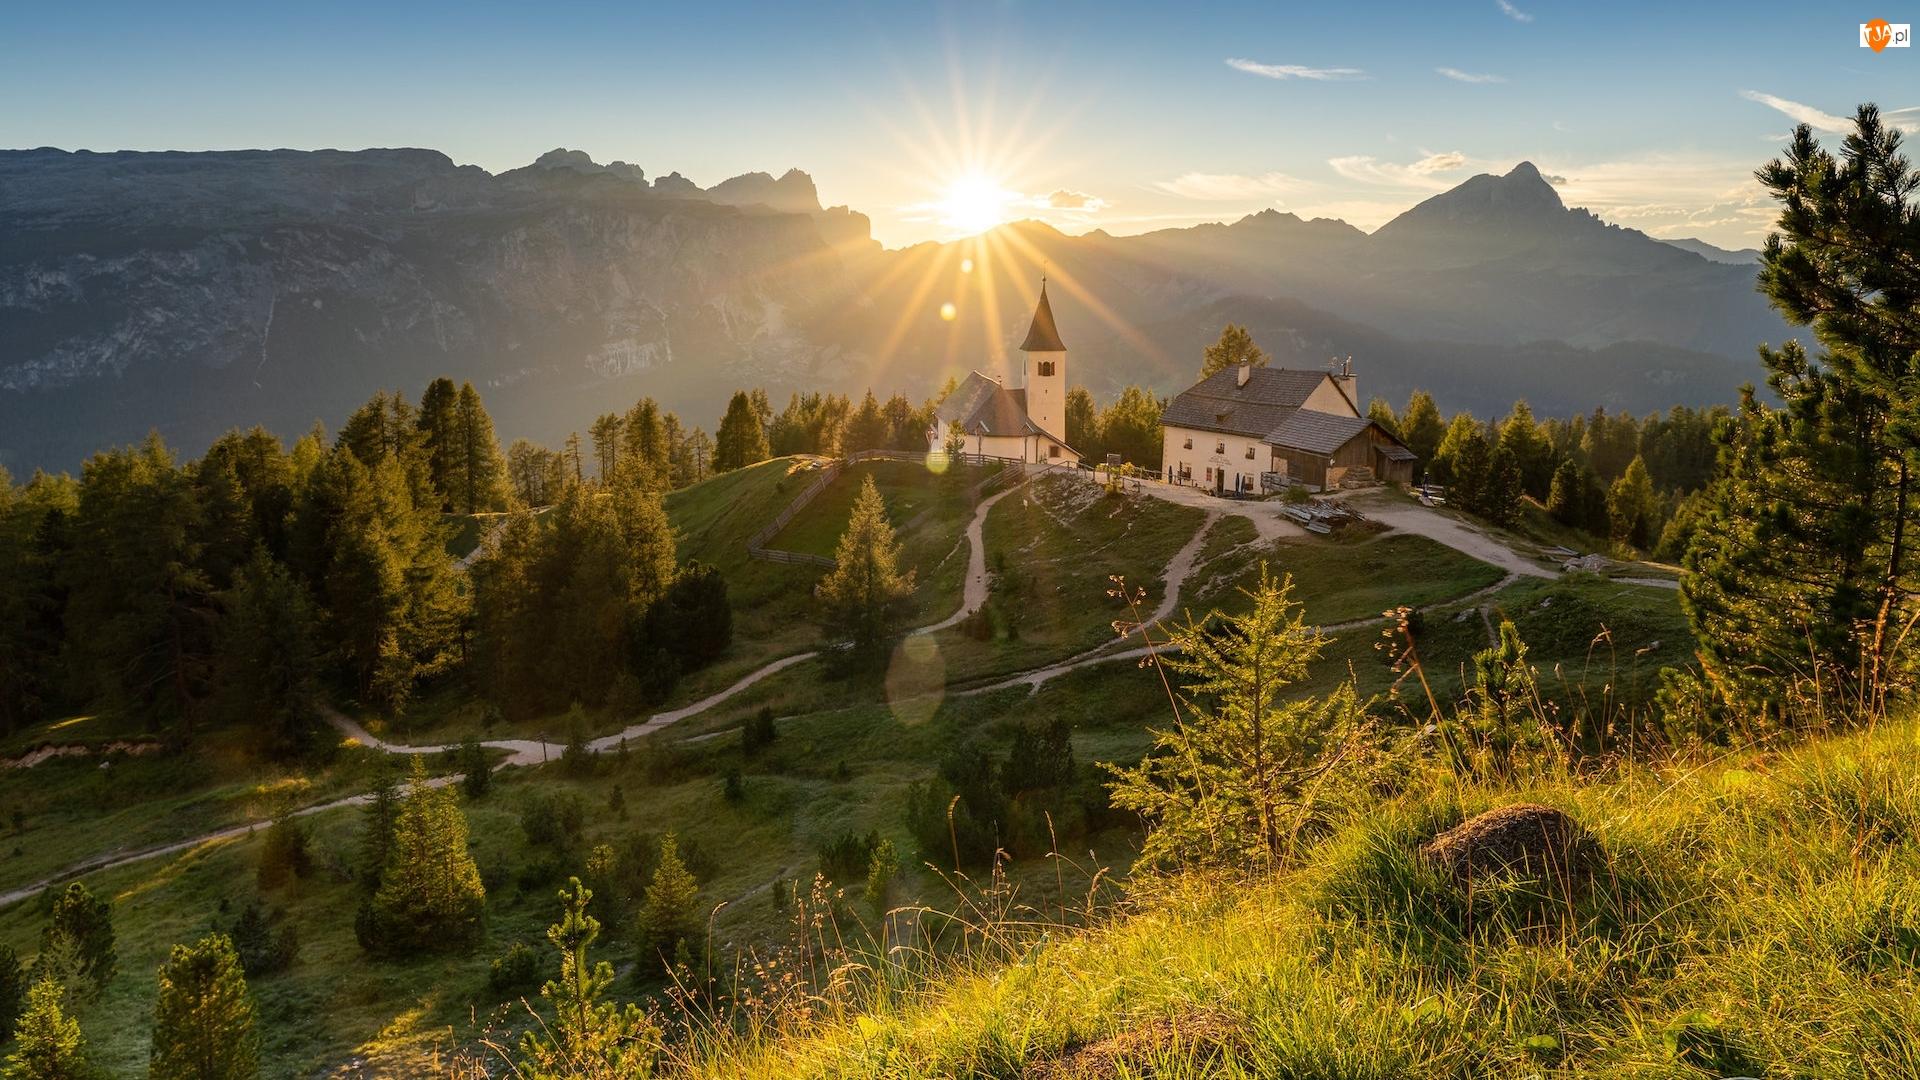 Alta Badia, Góry, Kościół św Krzyża, Południowy Tyrol, Dolomity, Promienie słońca, Włochy, Wzgórze